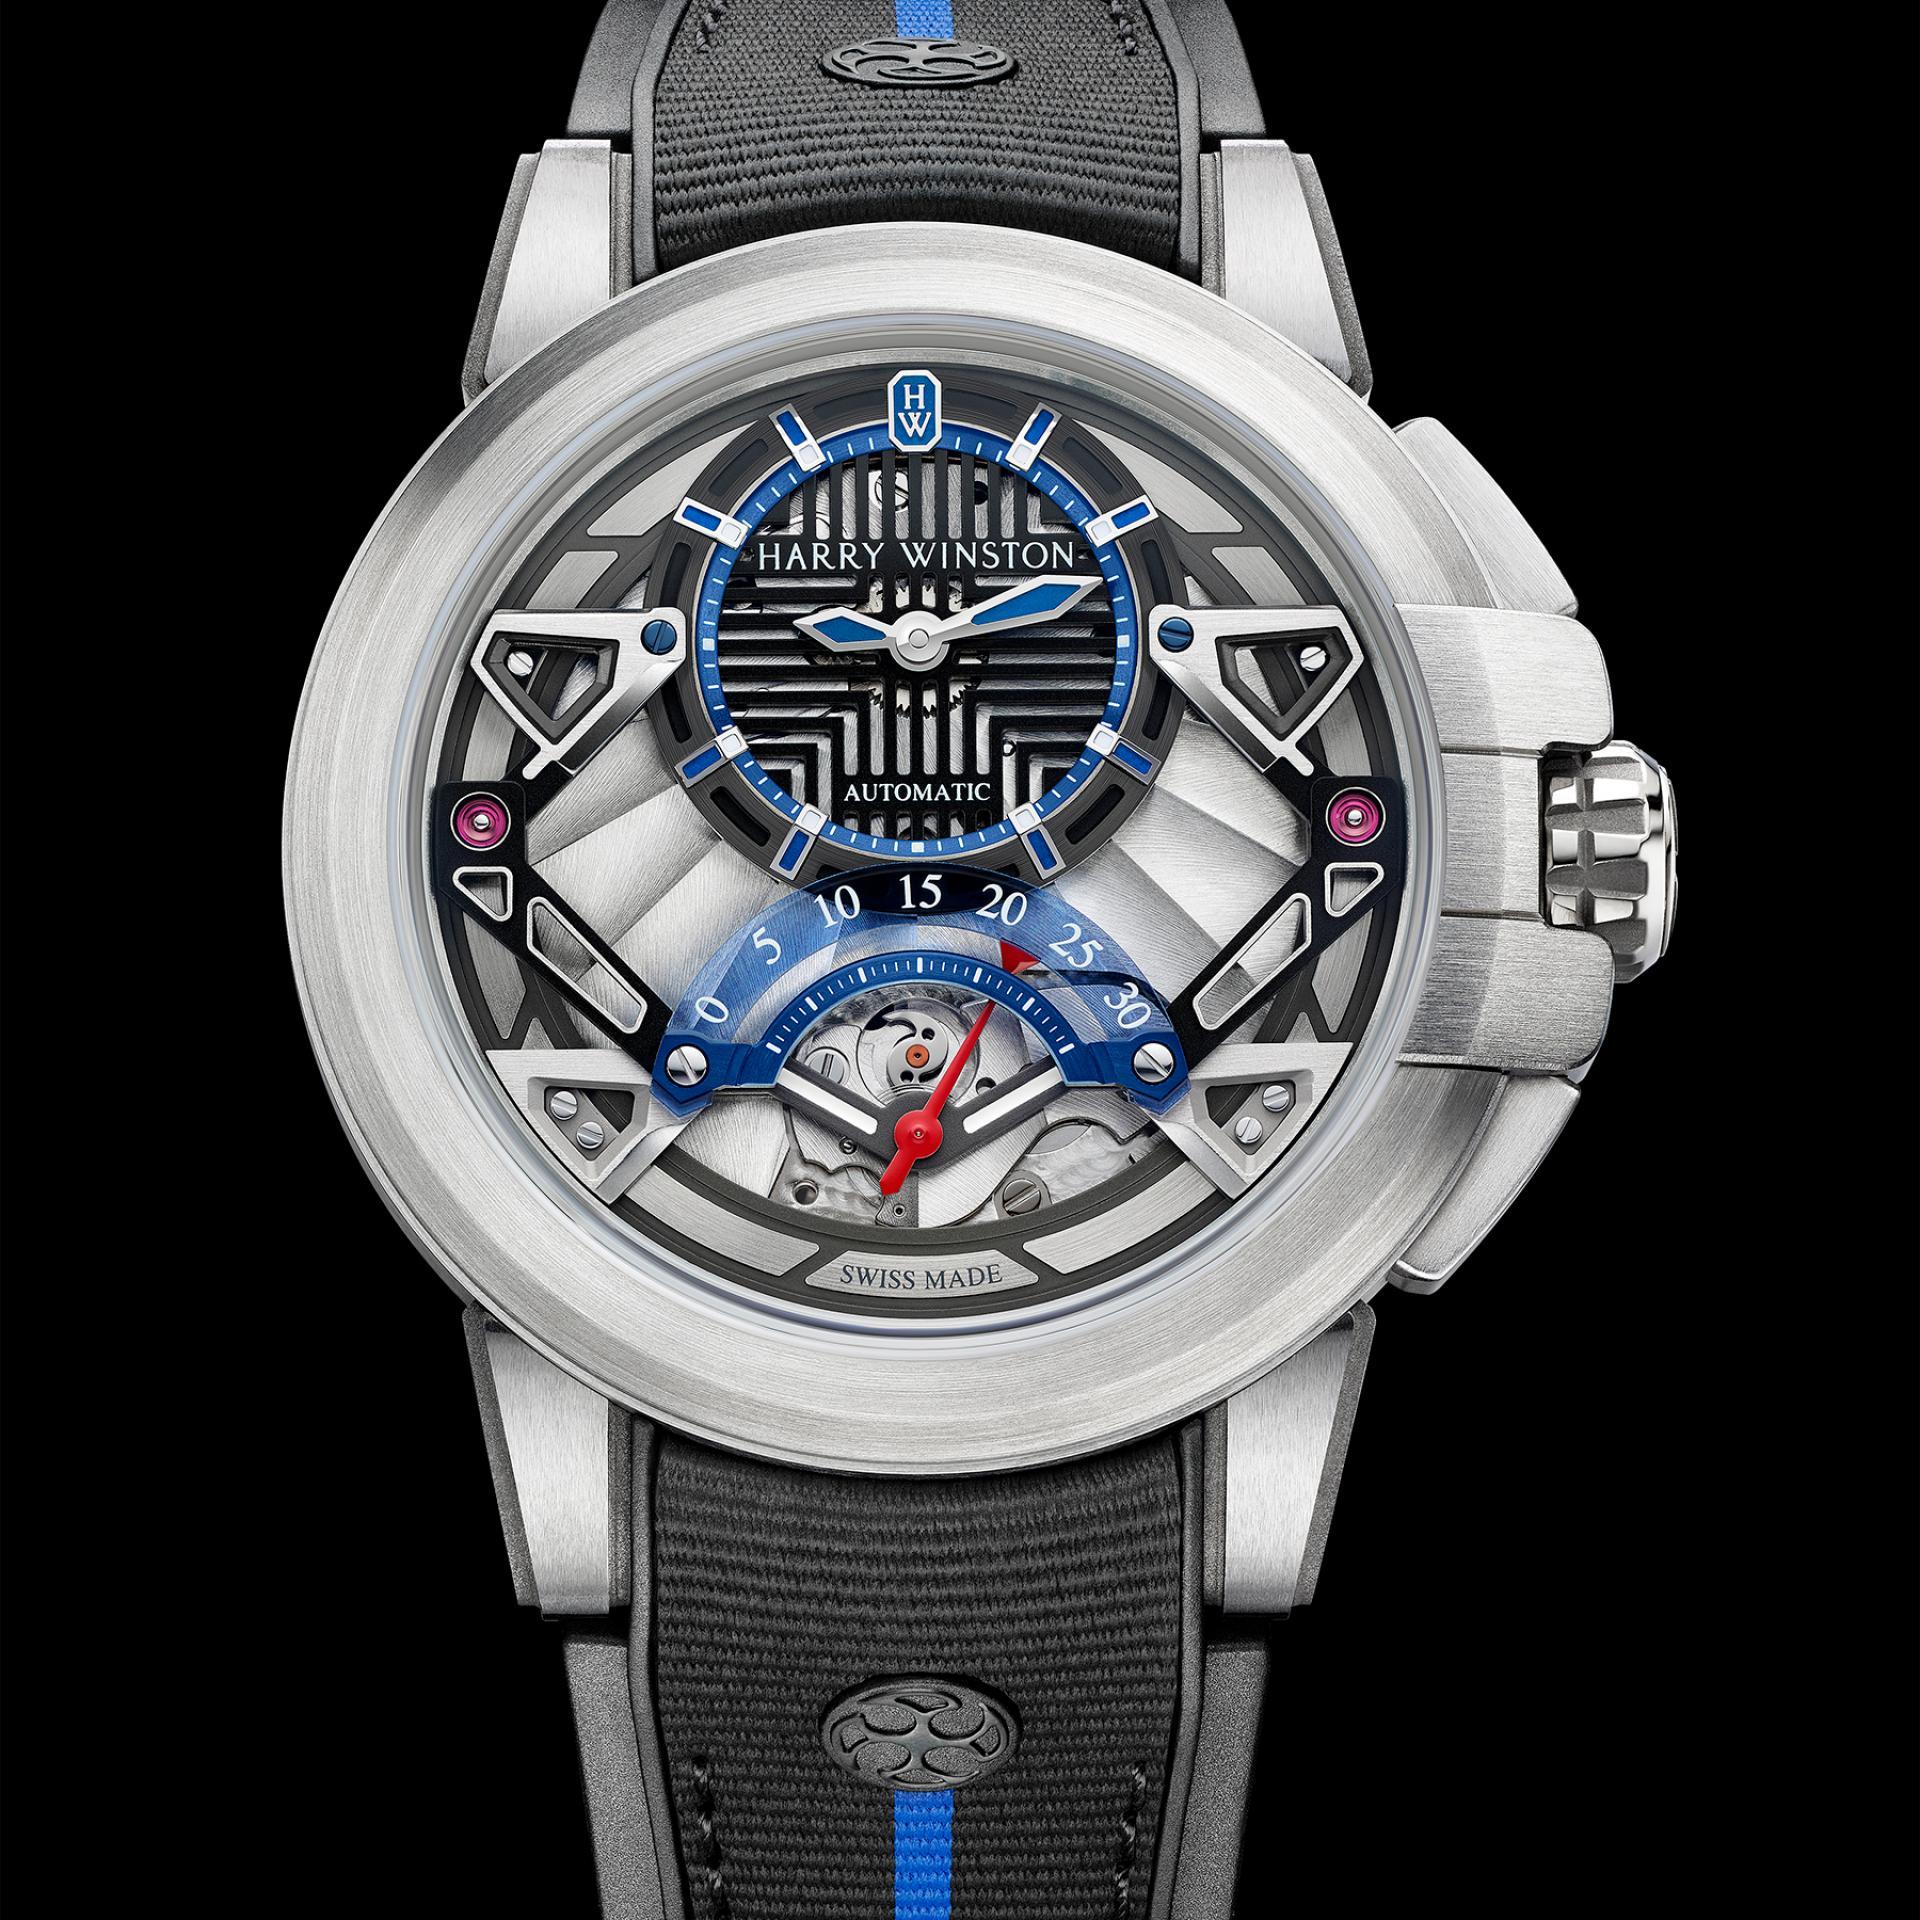 Harry Winston Project Z14 watch